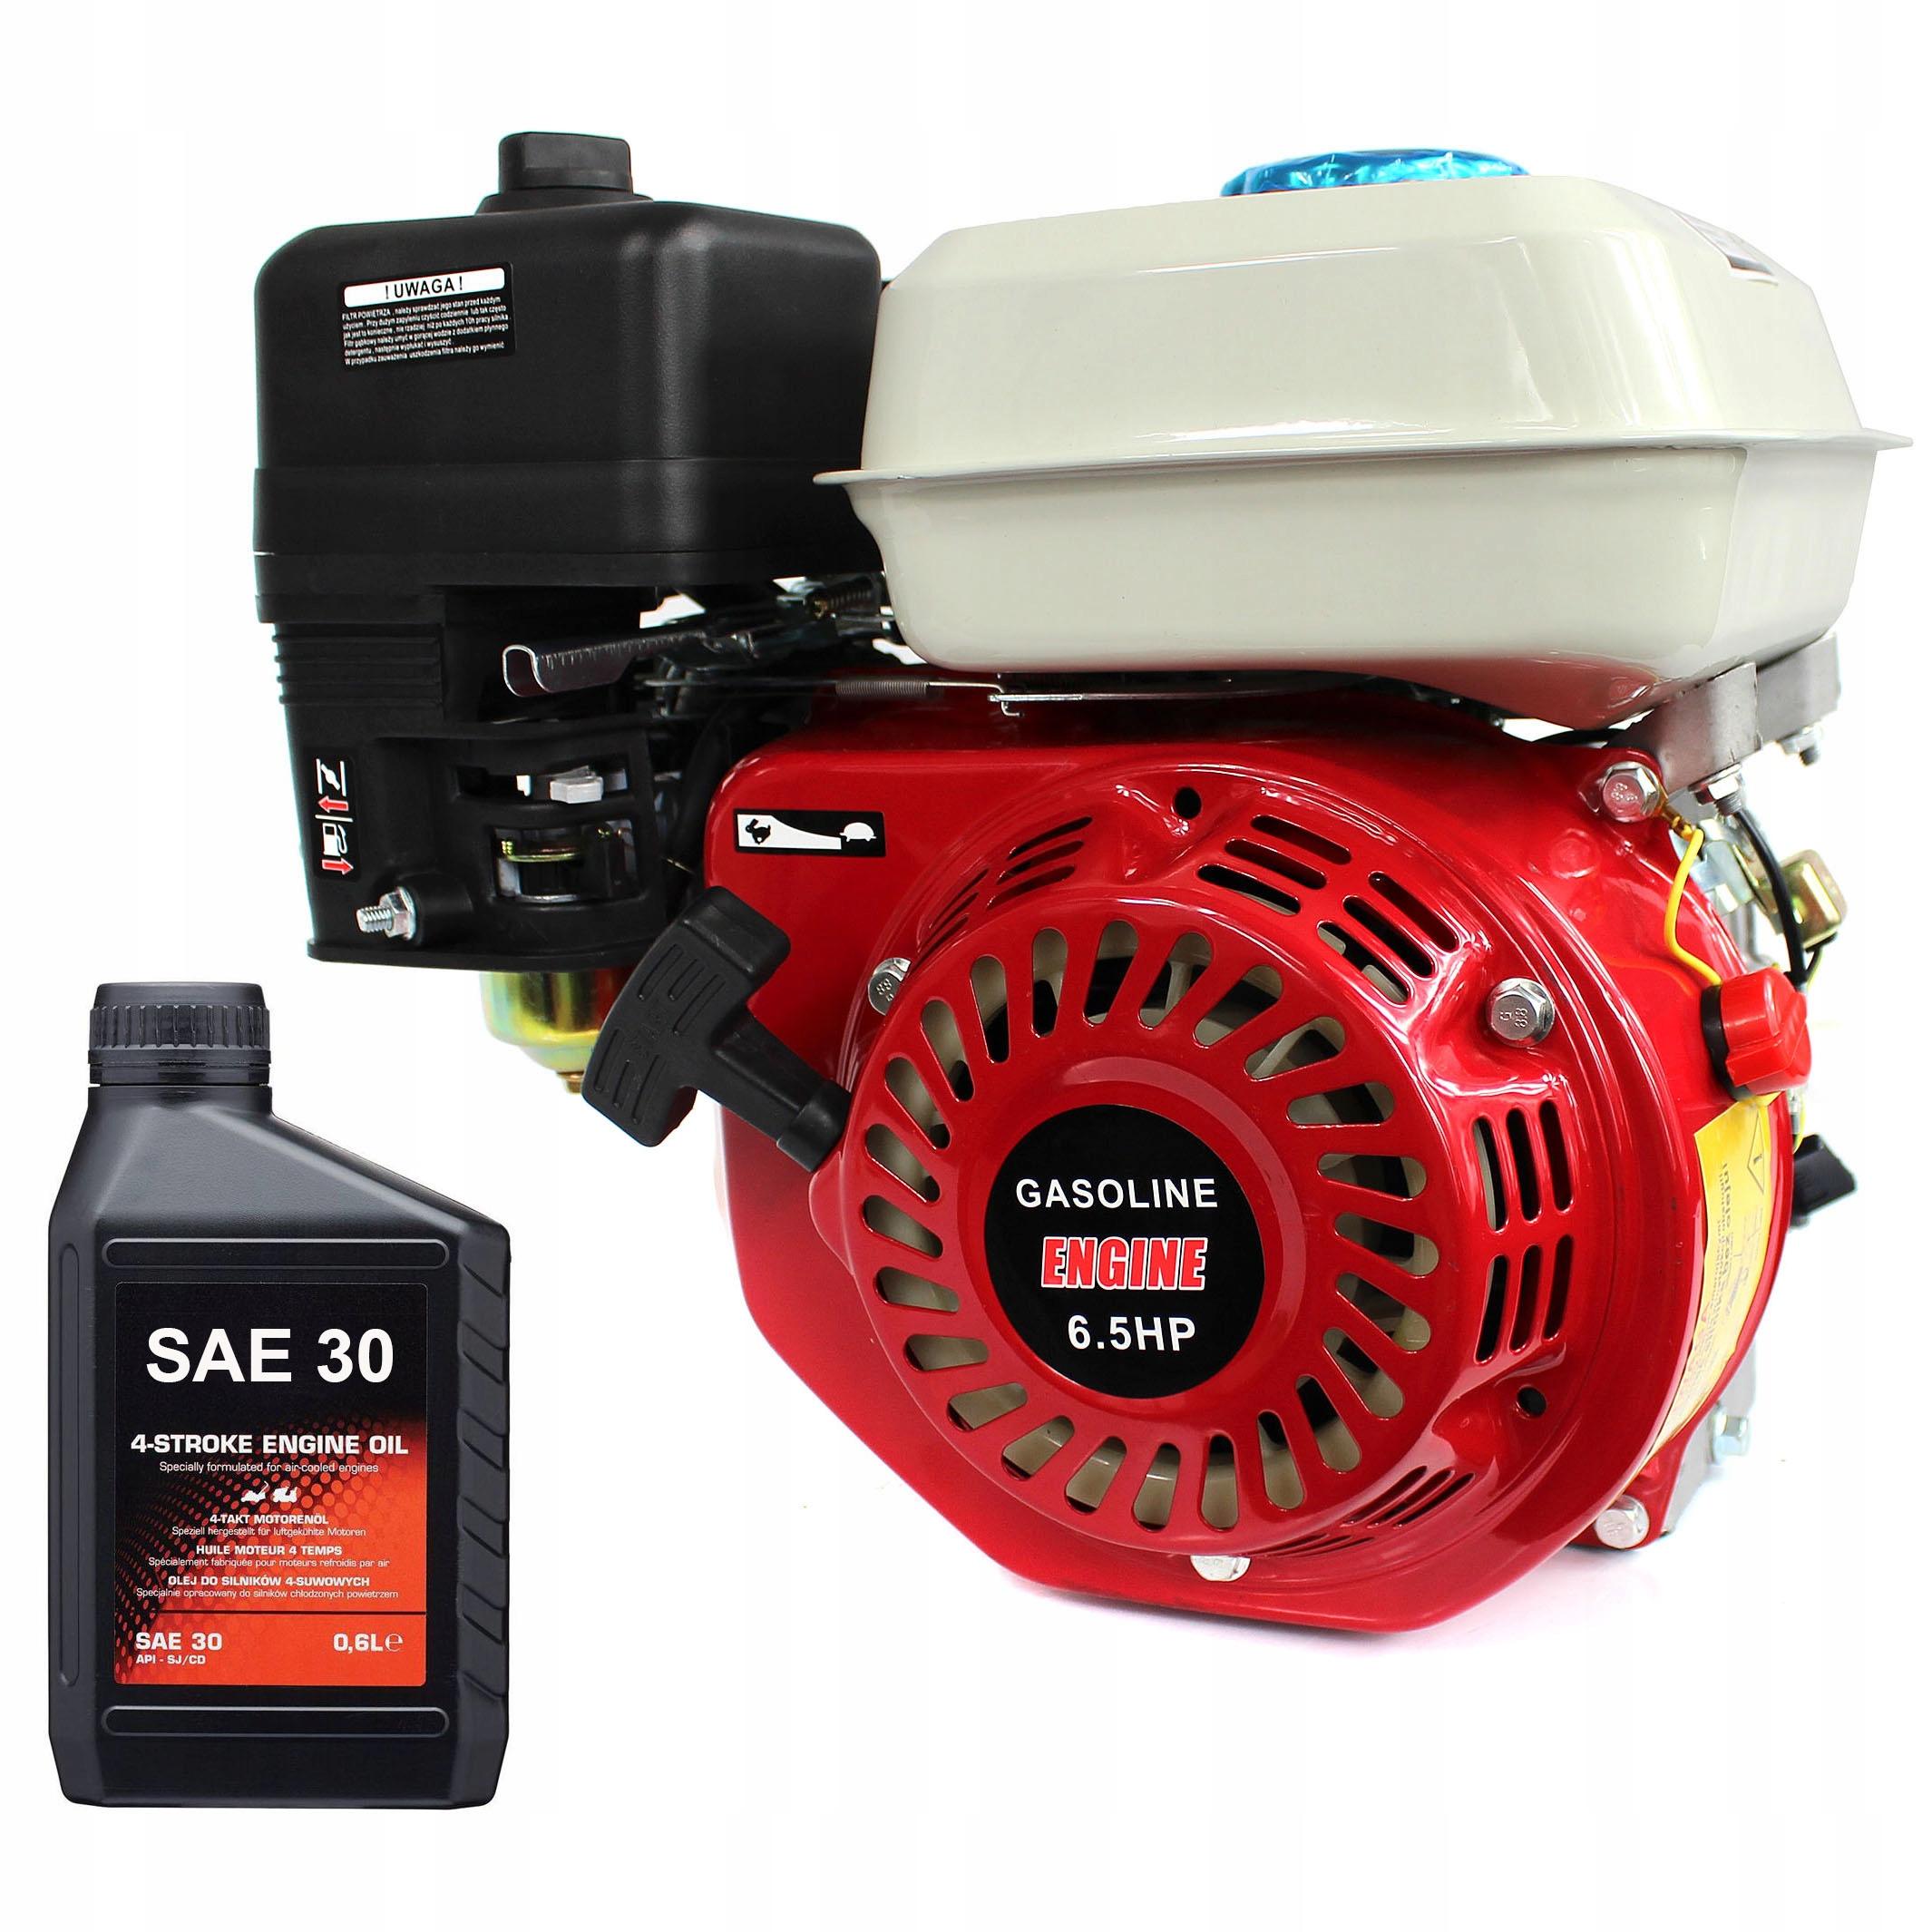 Silnik Spalinowy Gx160 Walek 20 Mm 6 5km Gratis 7003755051 Allegro Pl